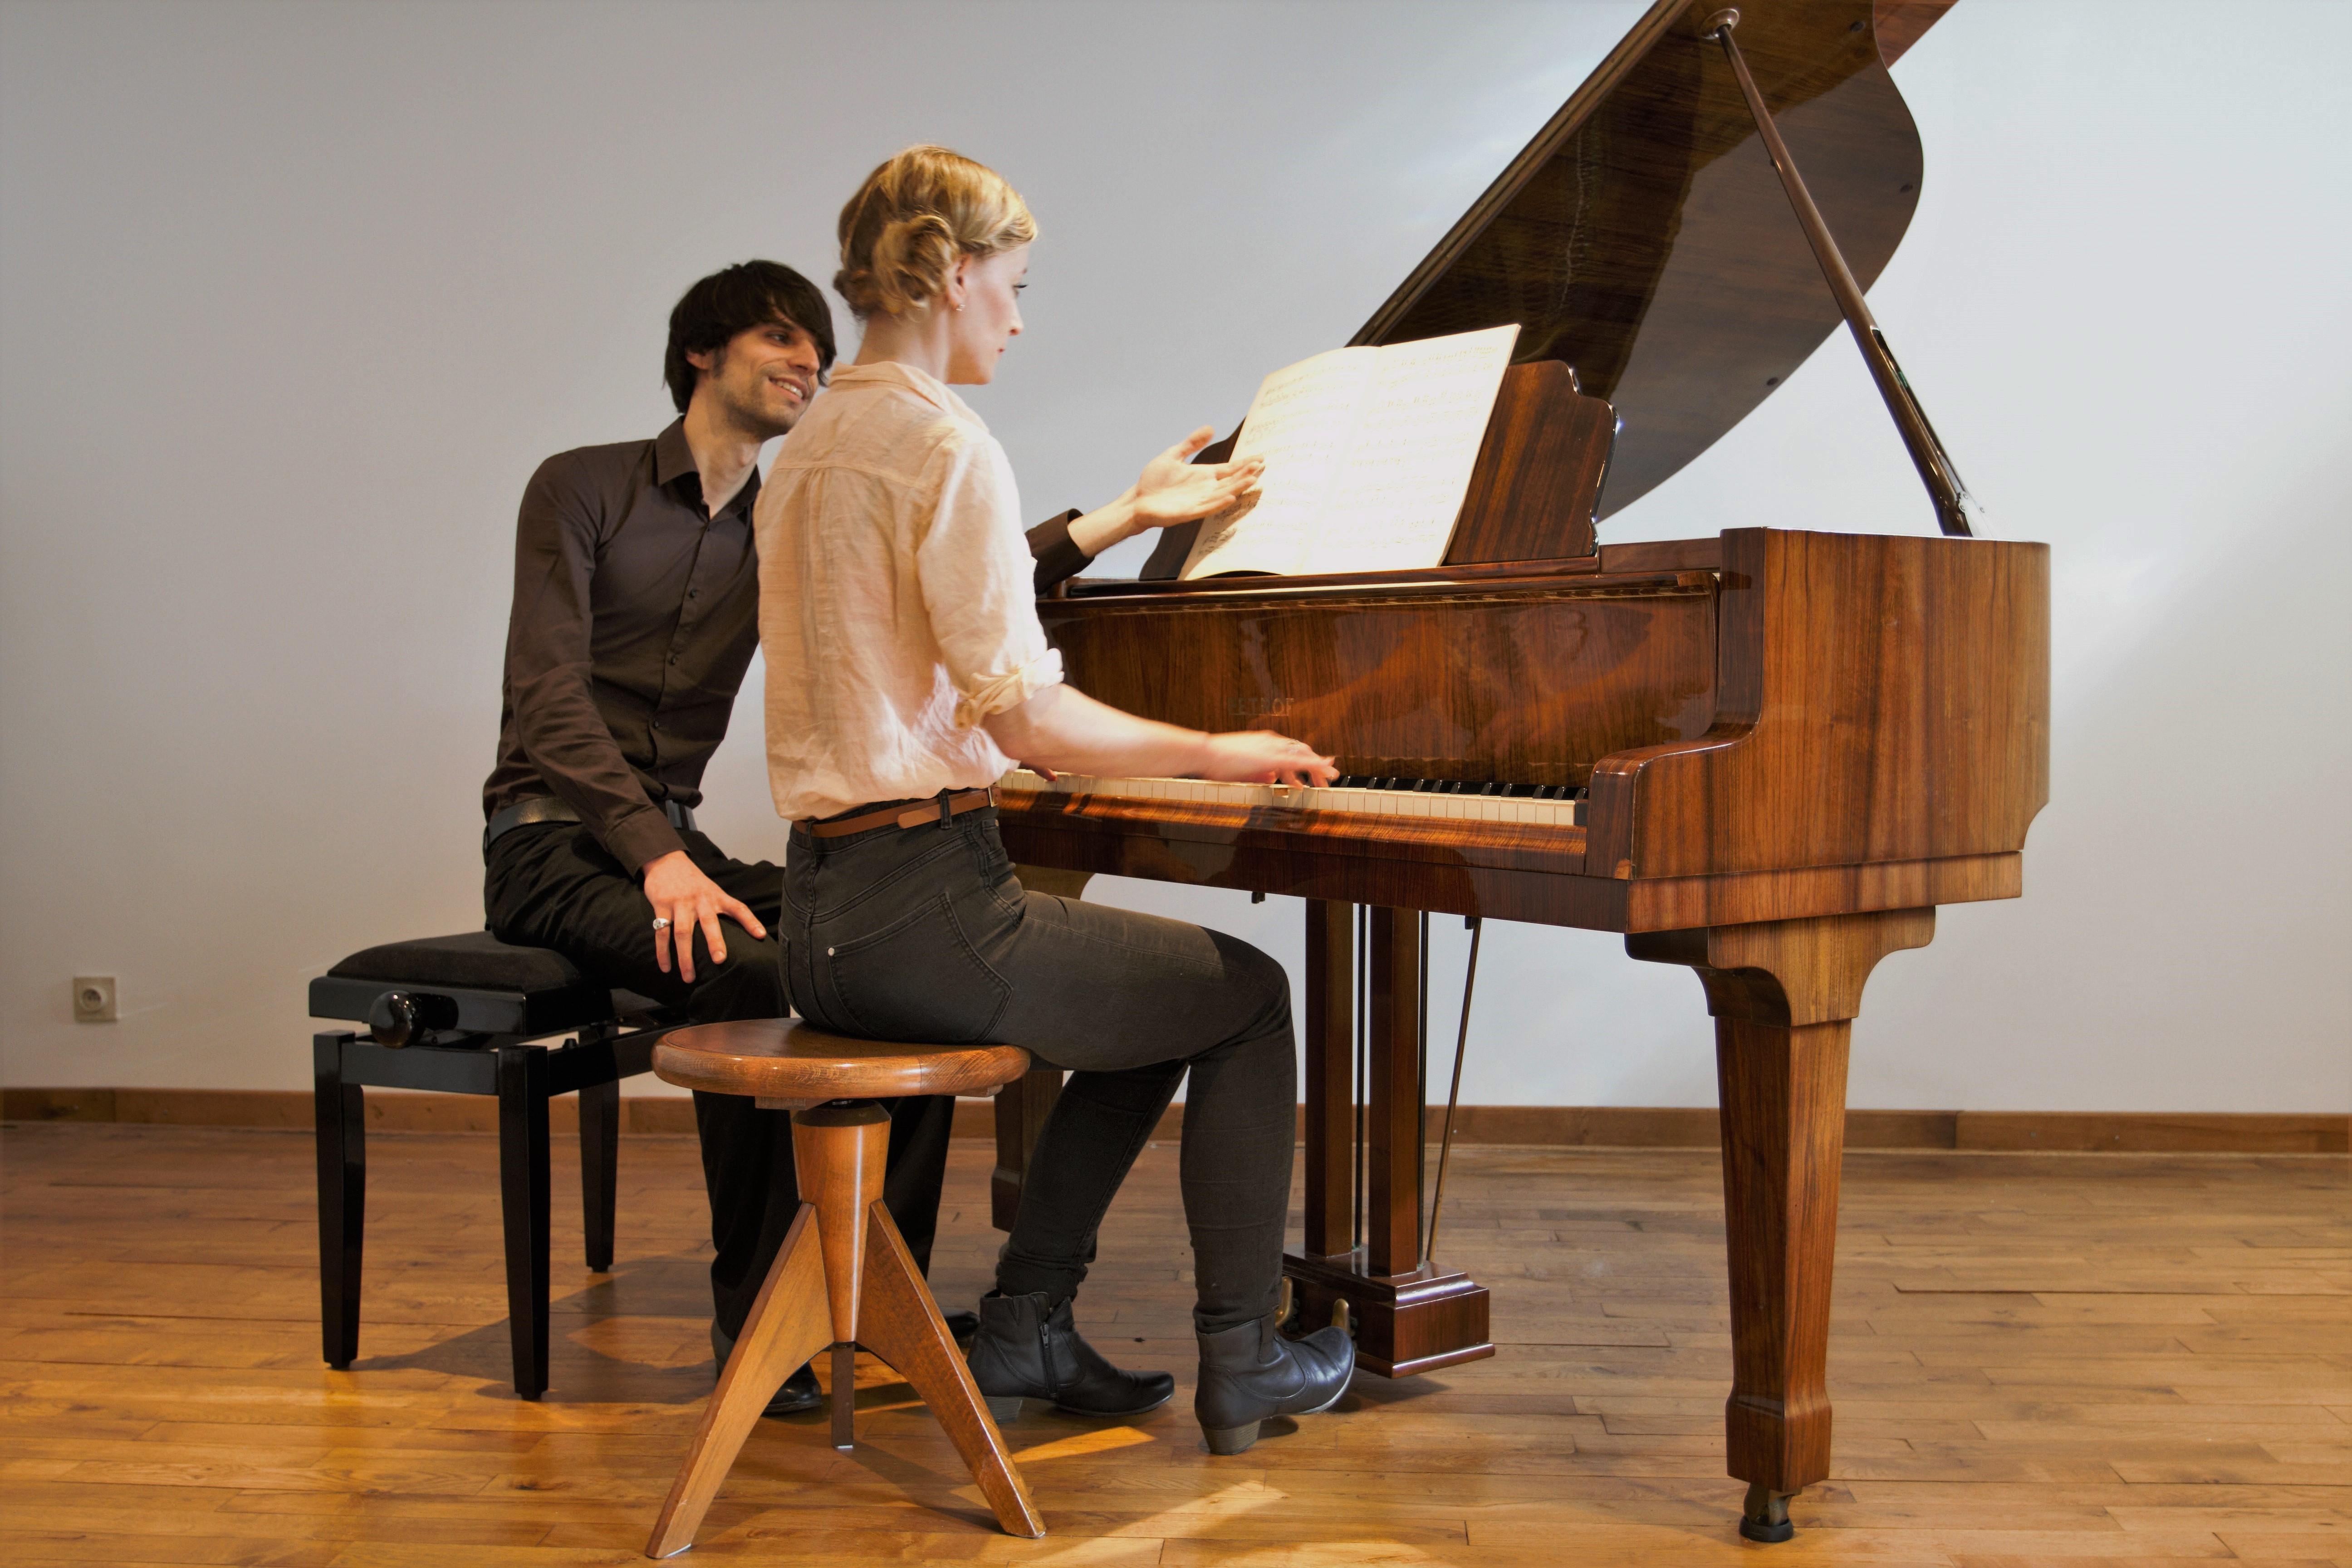 Vleugelpiano. Pianolessen Regio Leuven, Muziekschool en onderwijs, Privéles piano door Pianoleraar Hannes Adriaens